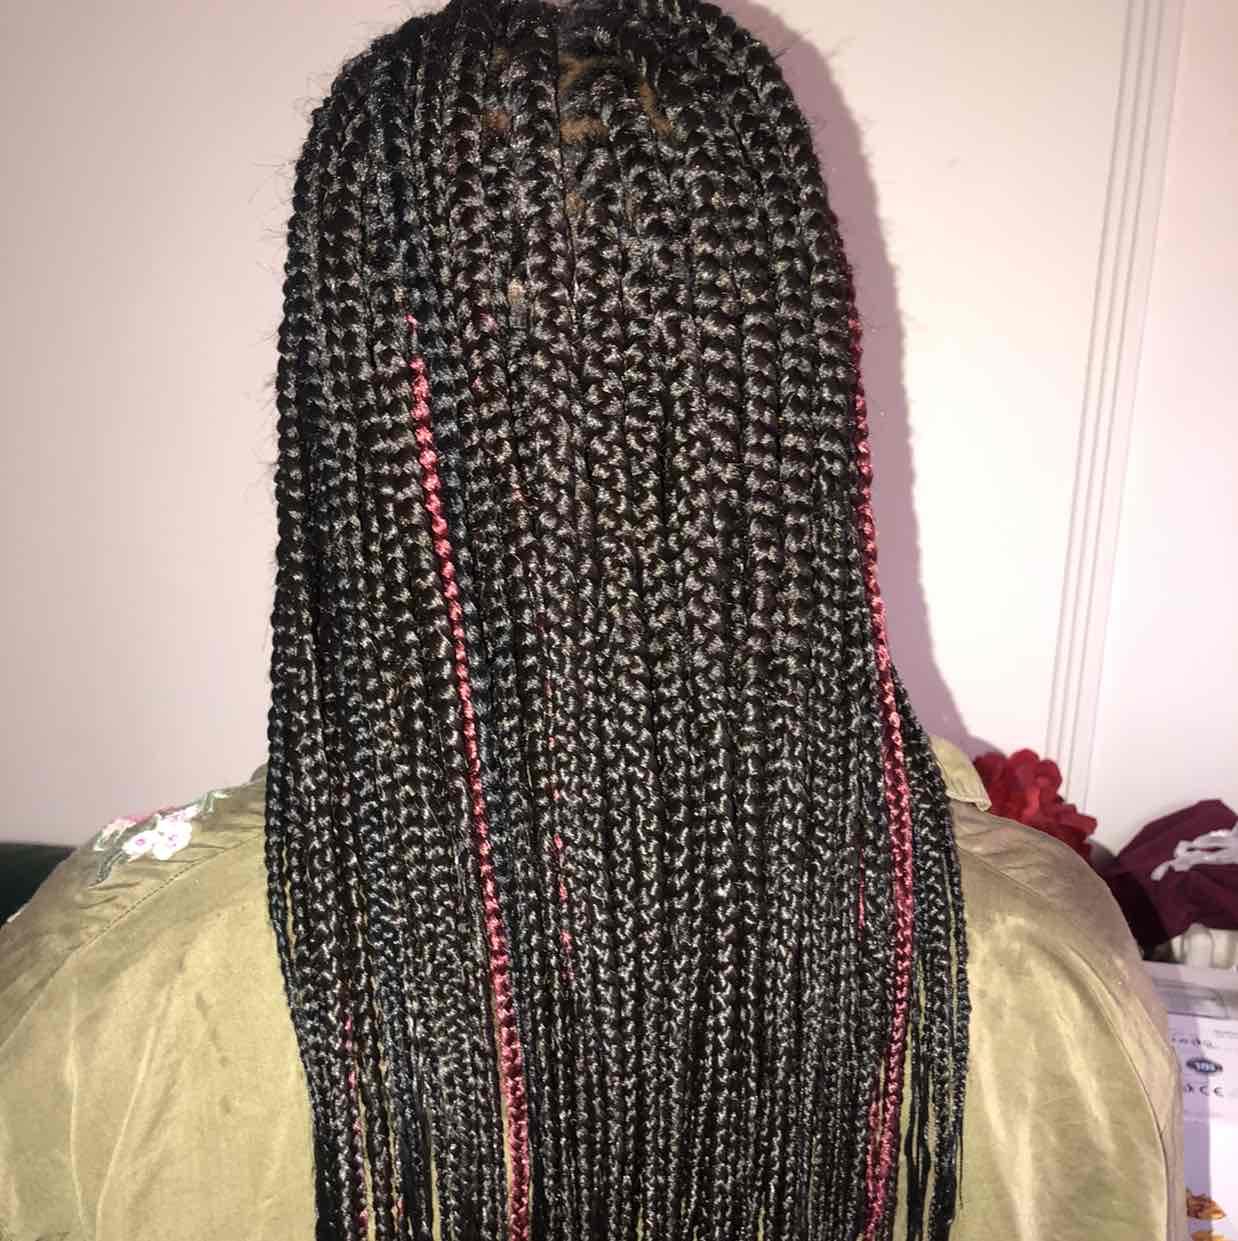 salon de coiffure afro tresse tresses box braids crochet braids vanilles tissages paris 75 77 78 91 92 93 94 95 ORJRYKPZ